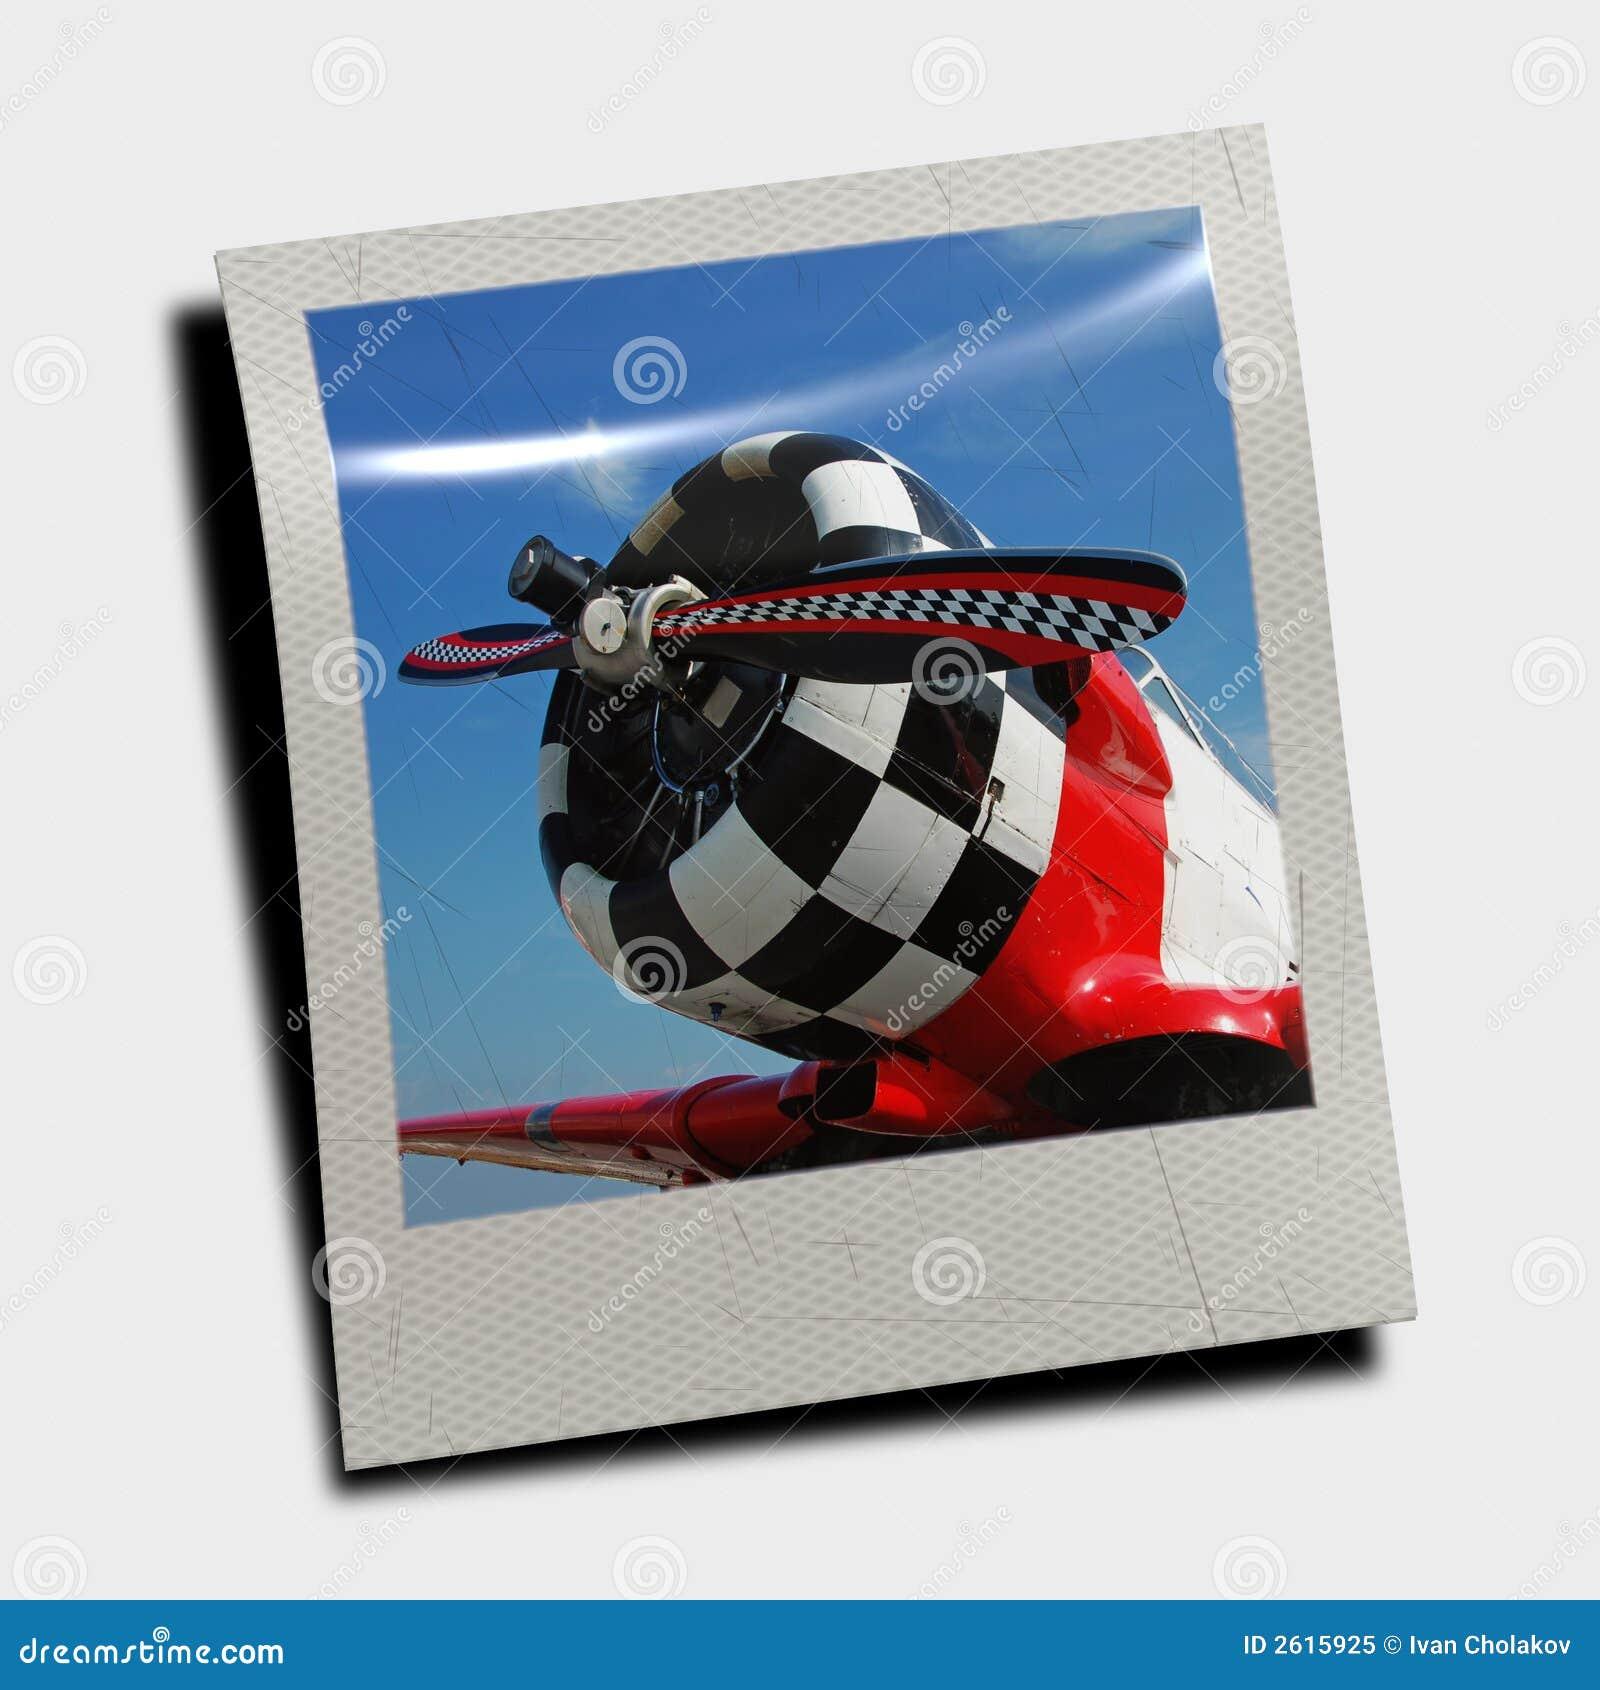 polaroid slide of retro plane stock image image of obsolete plane